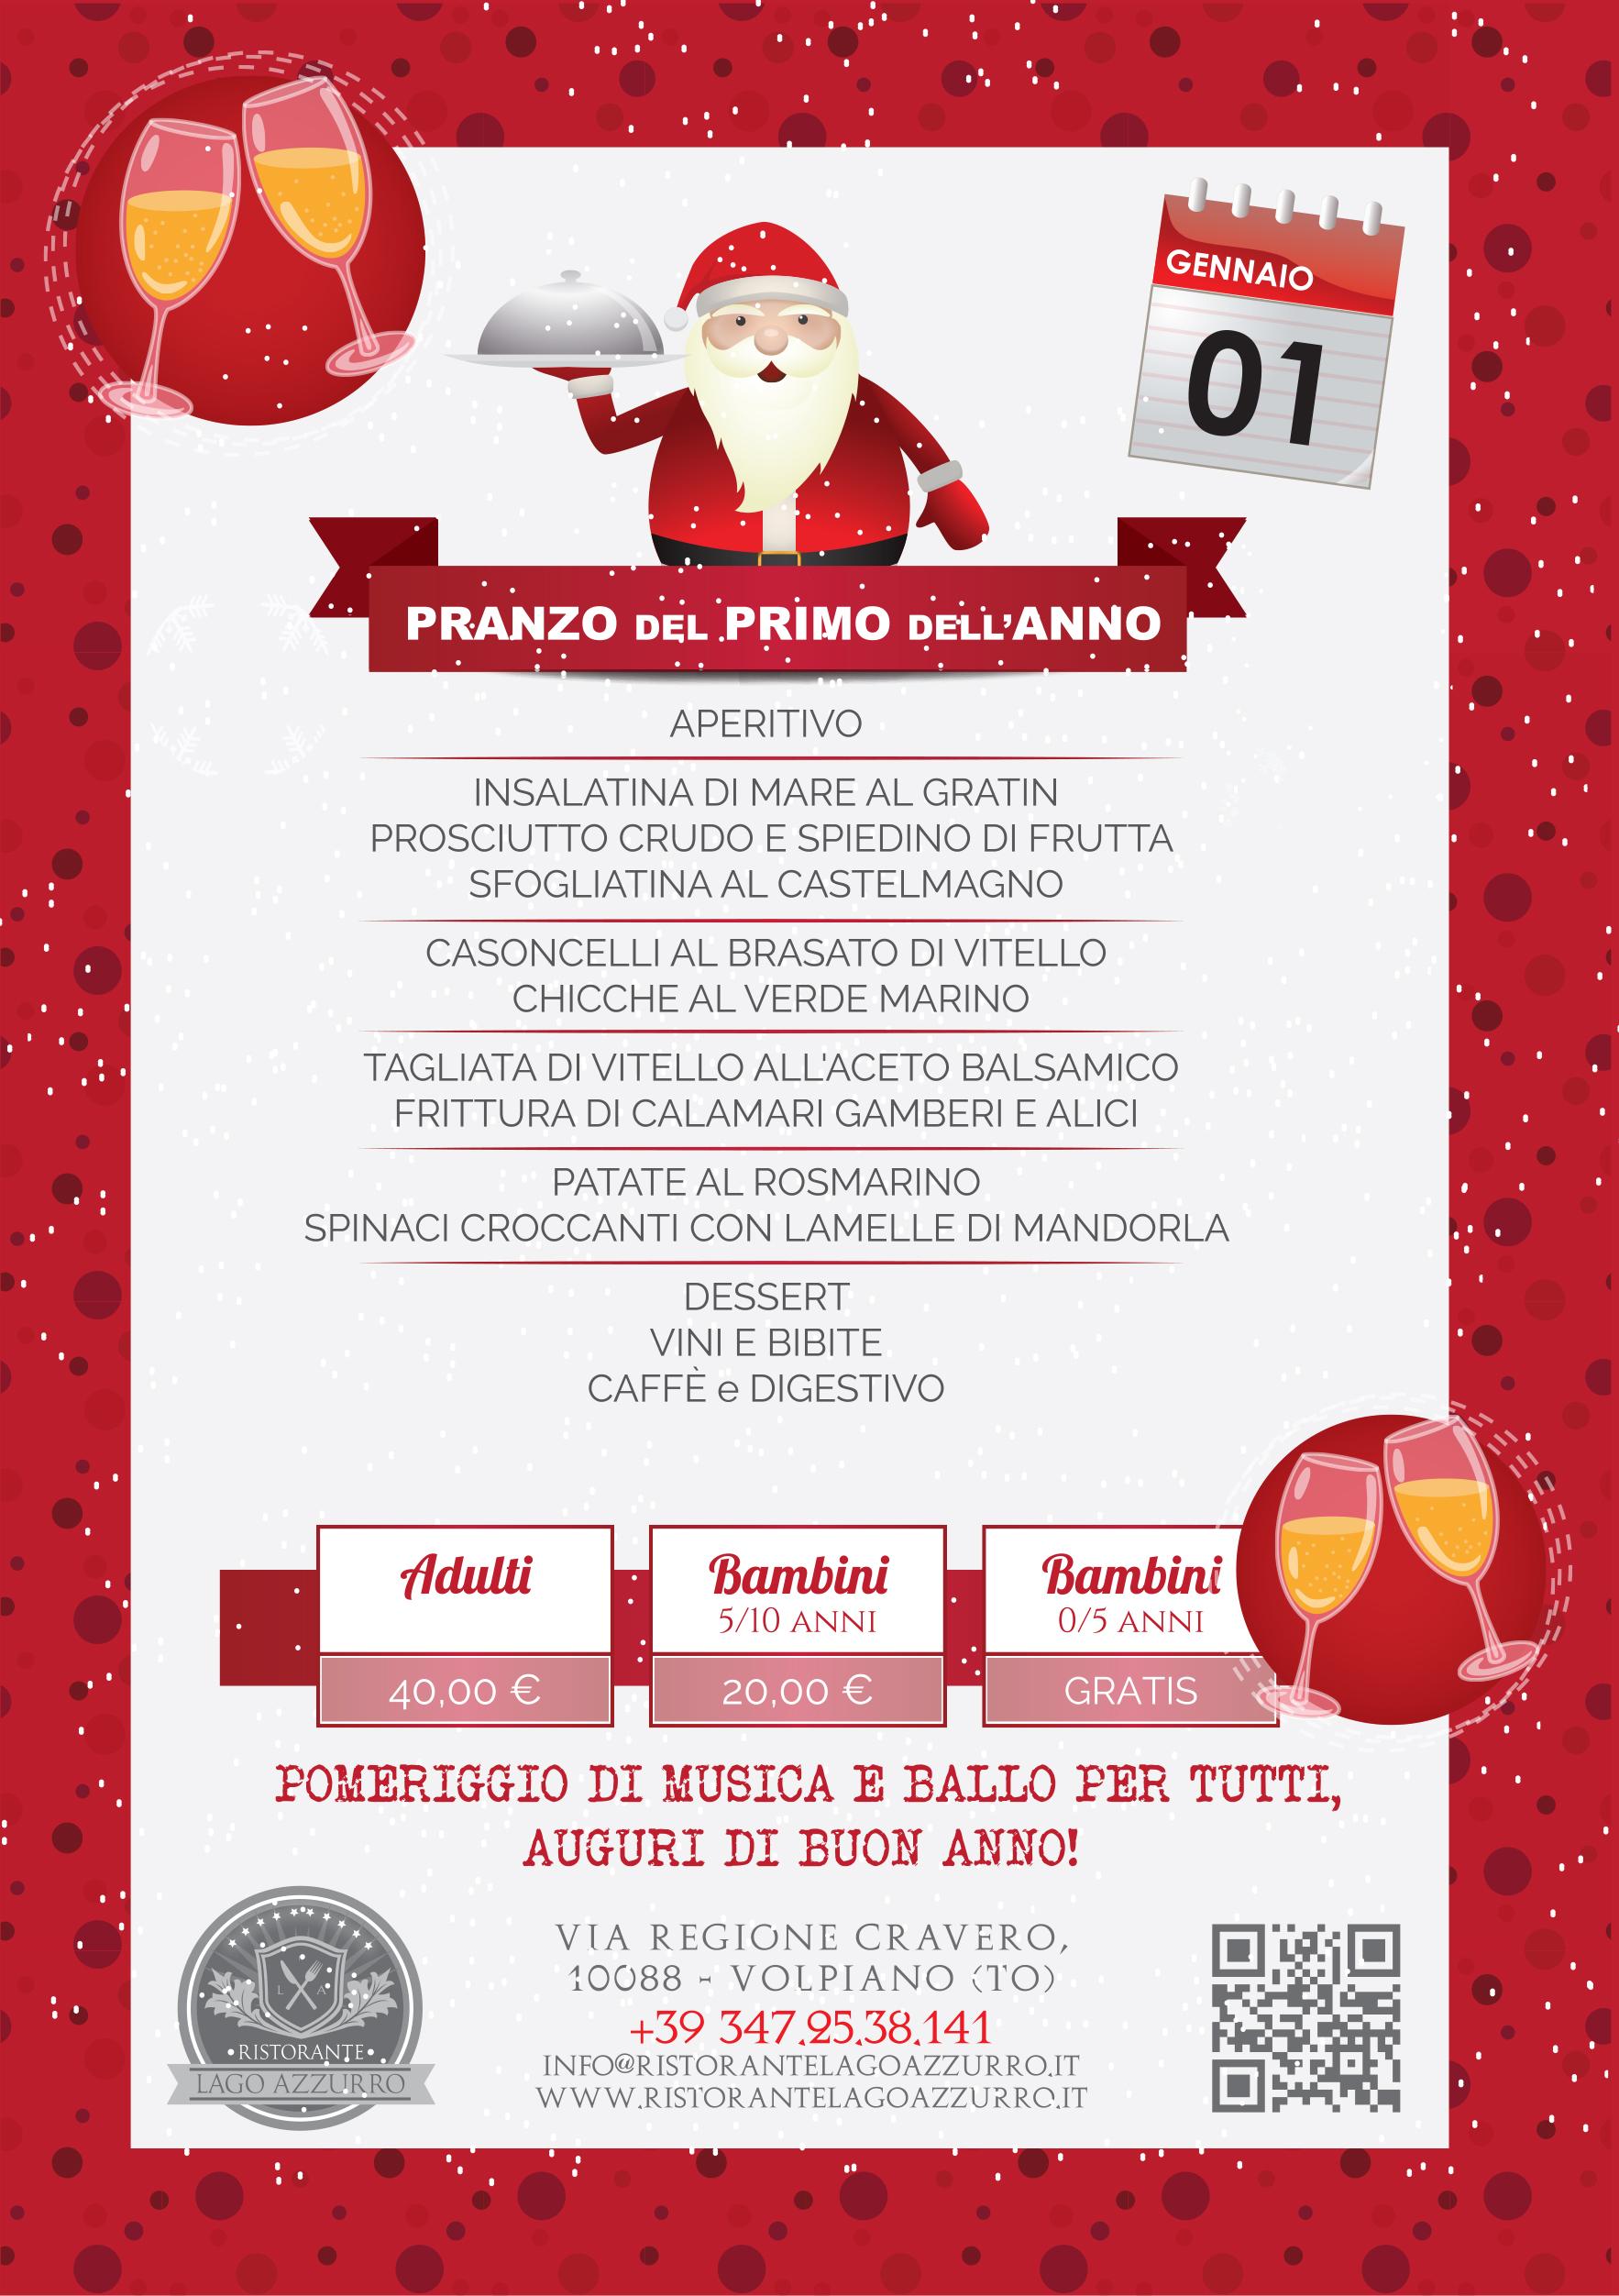 Capodanno_01-gennaio-2019_Ristorante-Lago-Azzurro